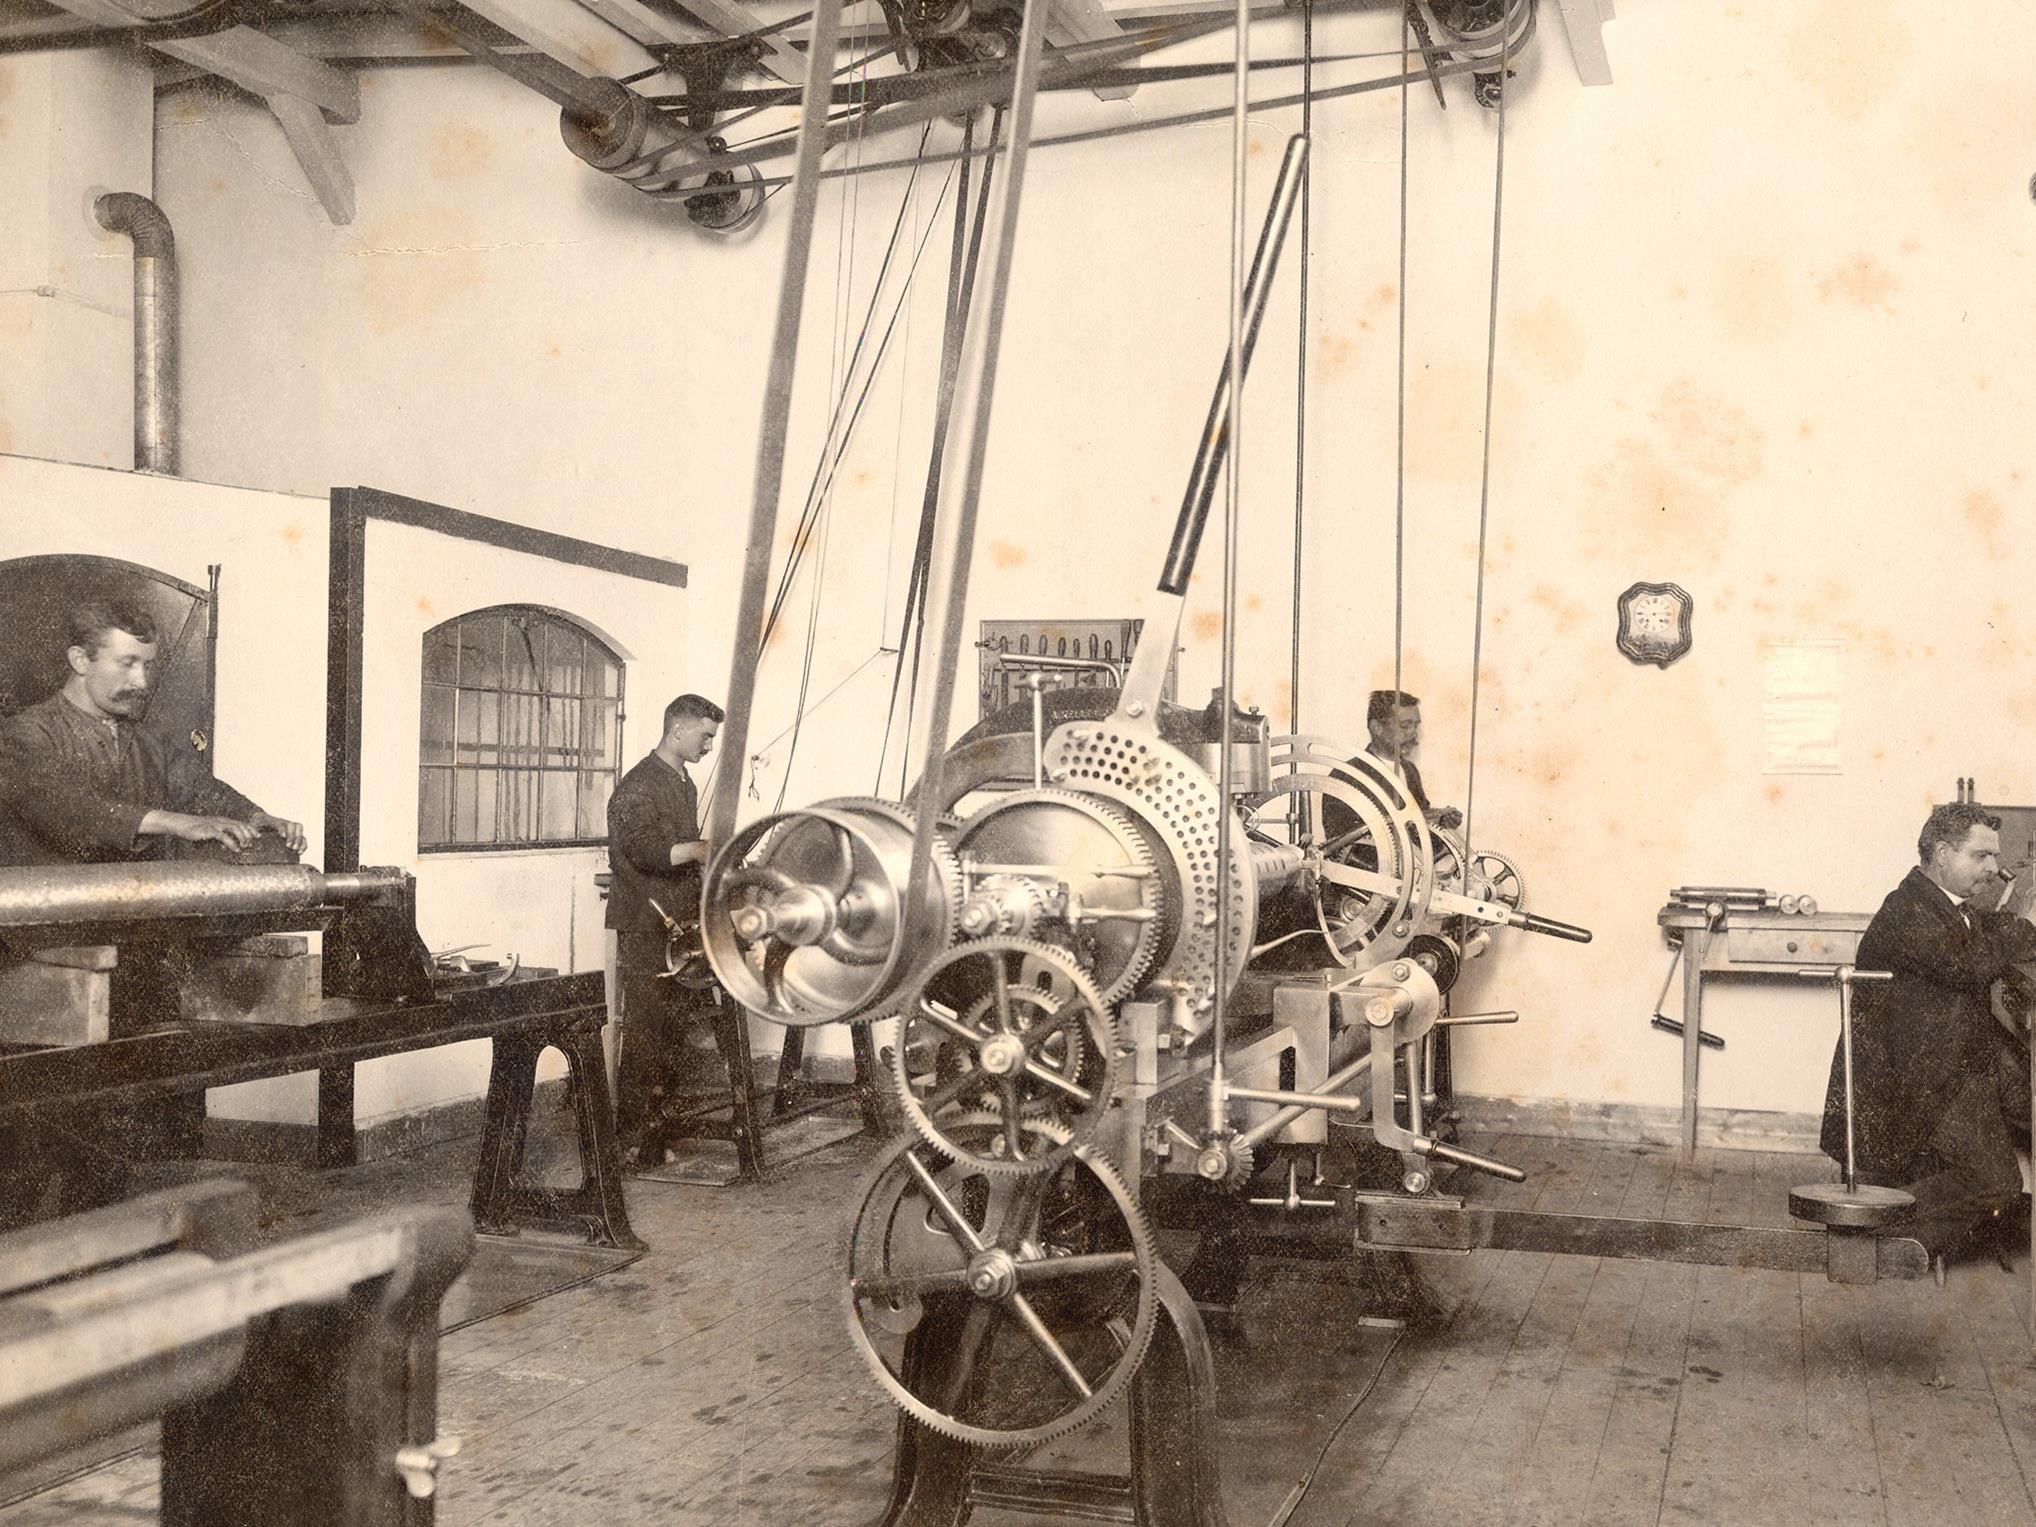 In einem Industriemuseum soll auch die Arbeiterschaft von damals ihren Platz bekommen.